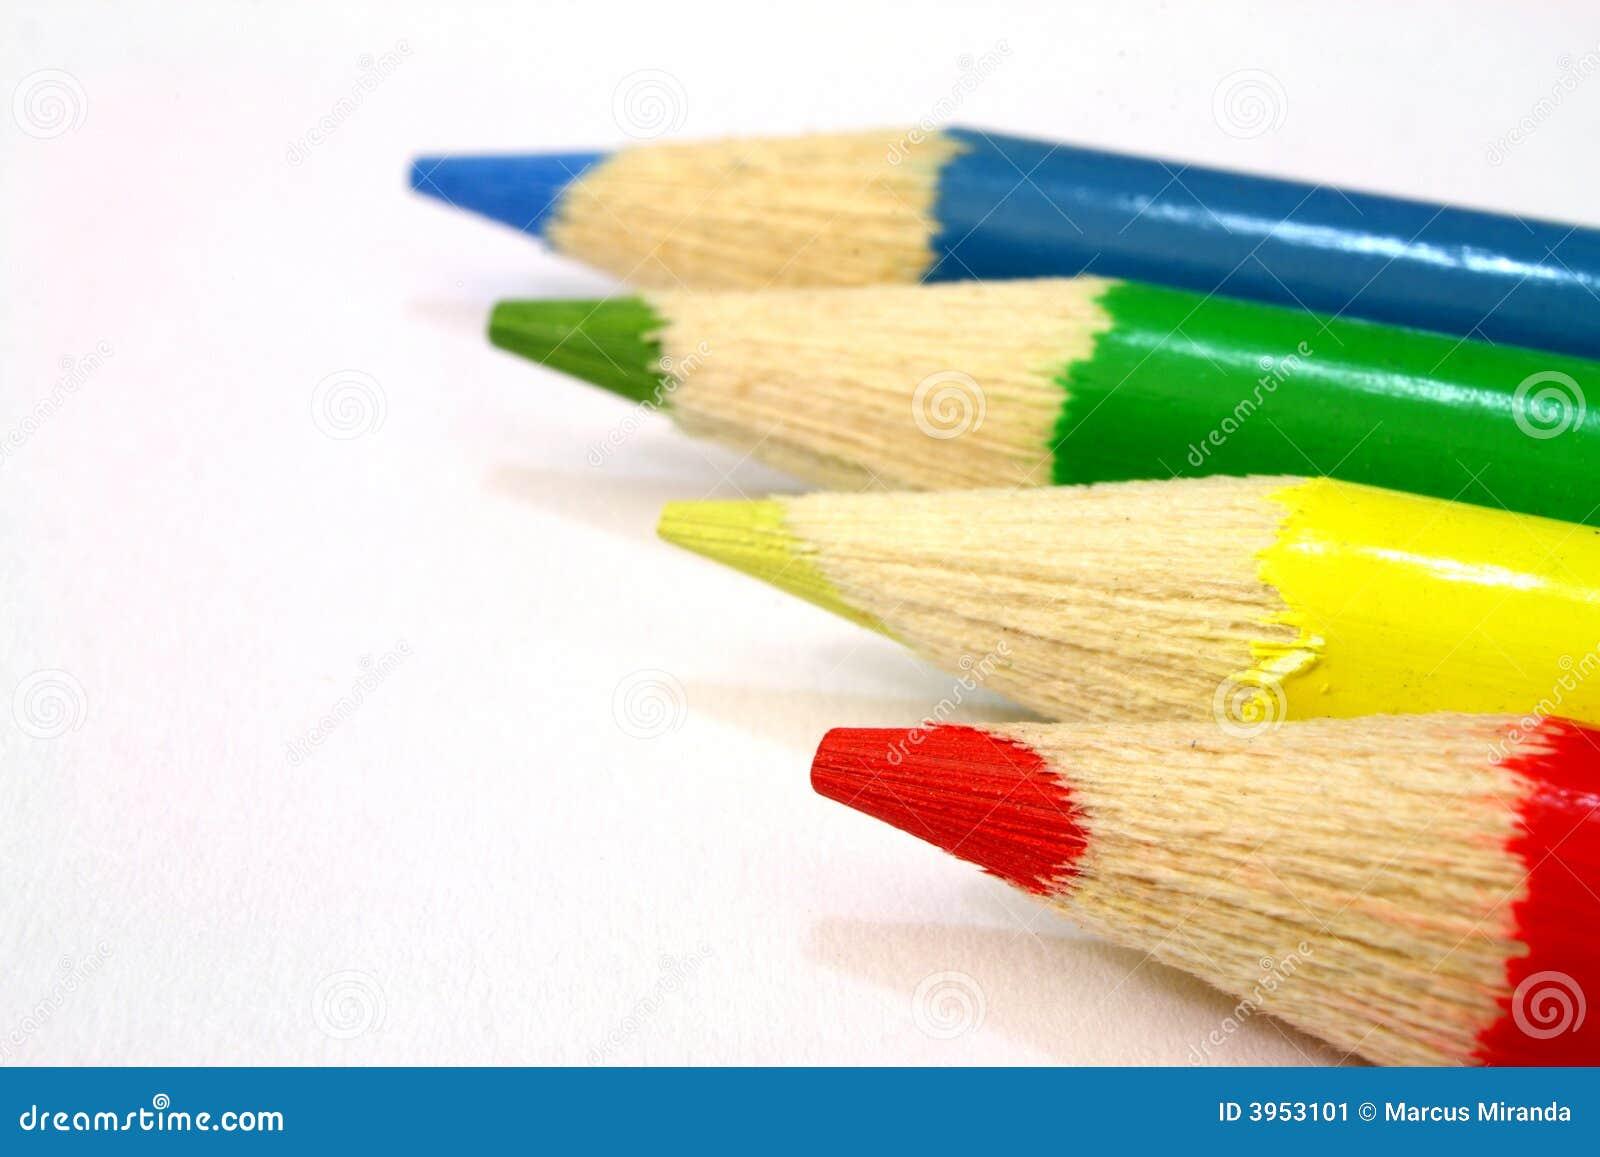 rouge vert jaune et bleu image stock image 3953101. Black Bedroom Furniture Sets. Home Design Ideas